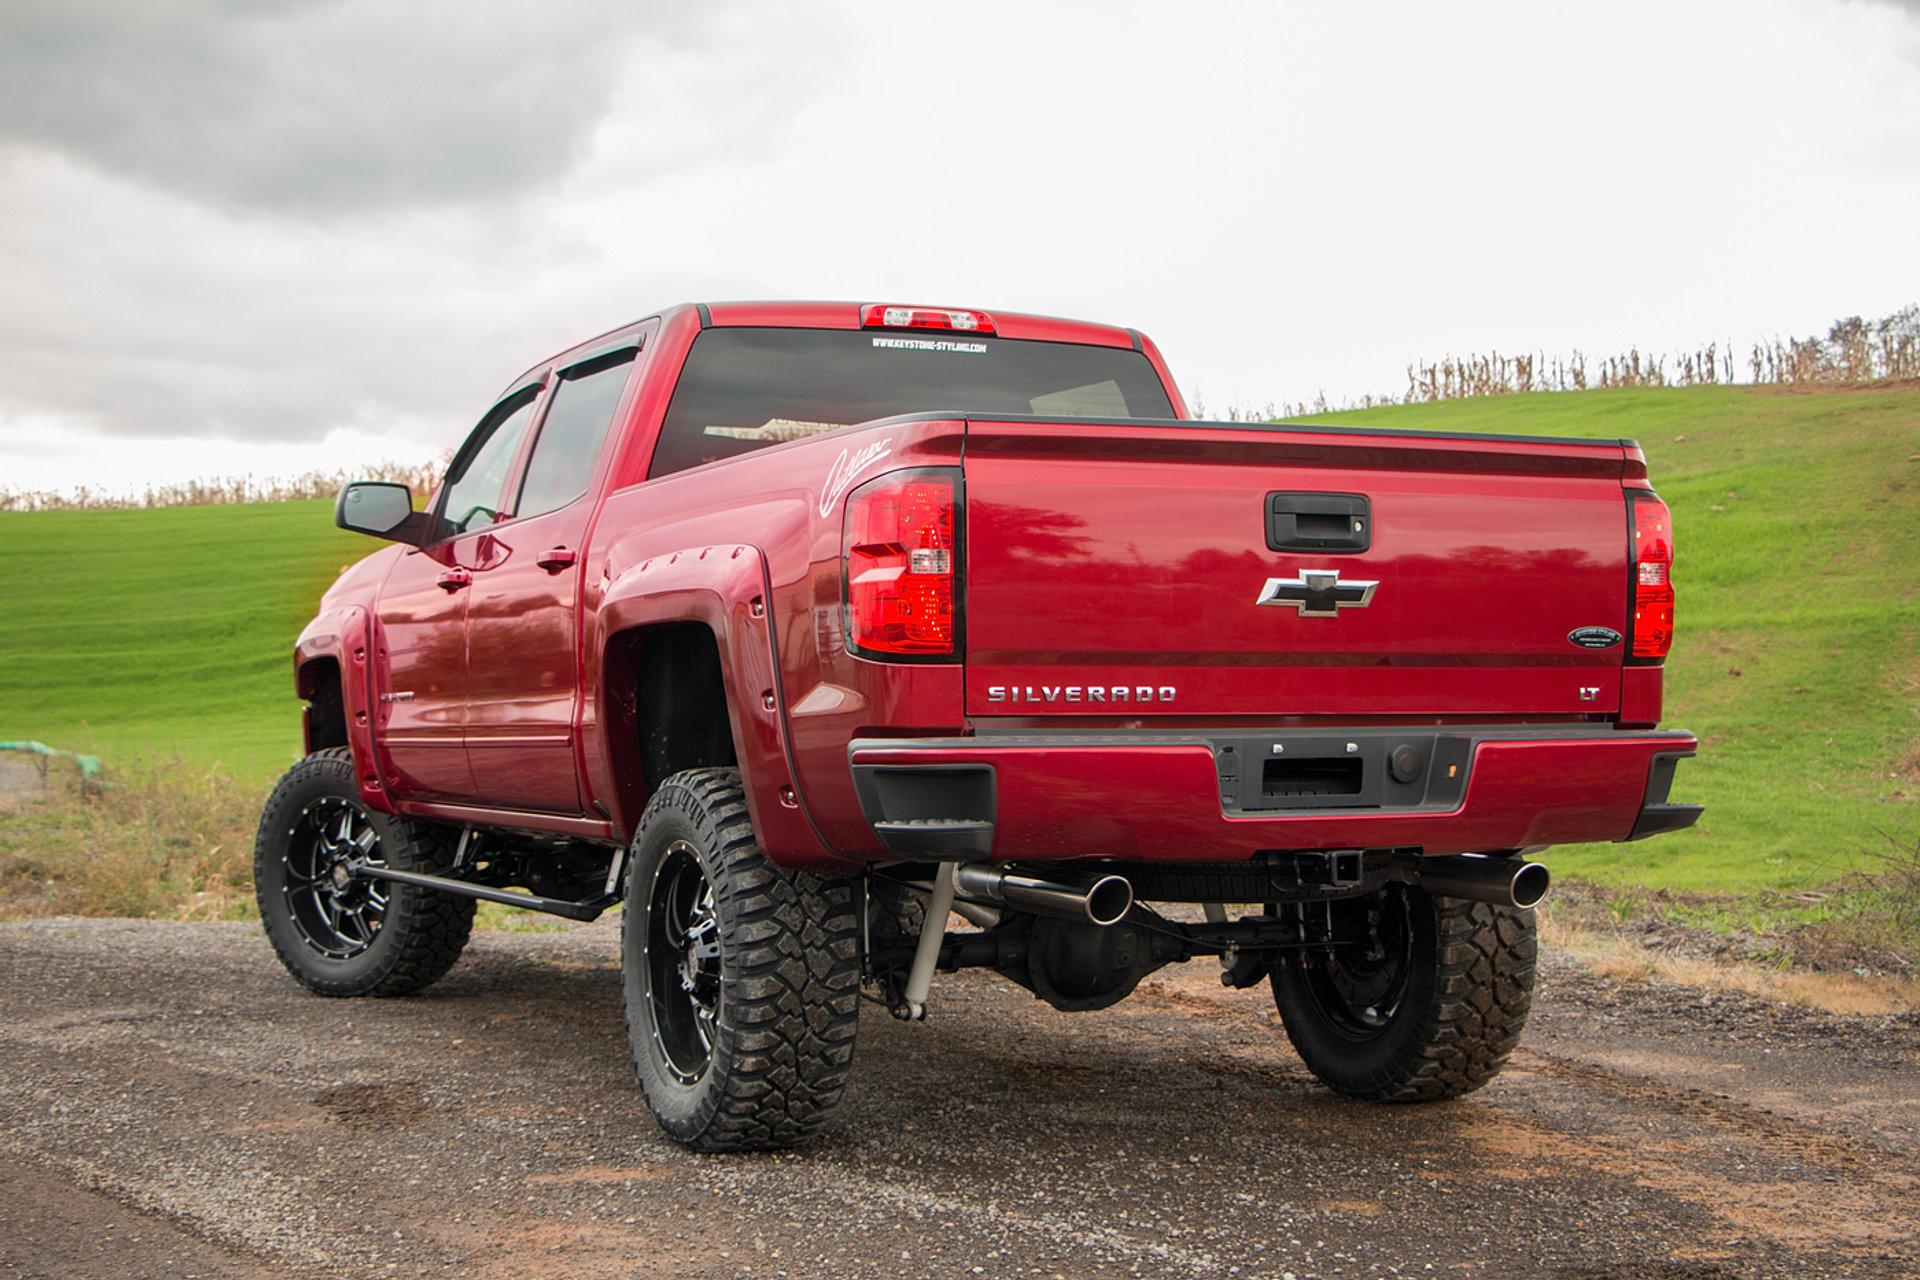 2018 Chevrolet Silverado Outlaw Edition